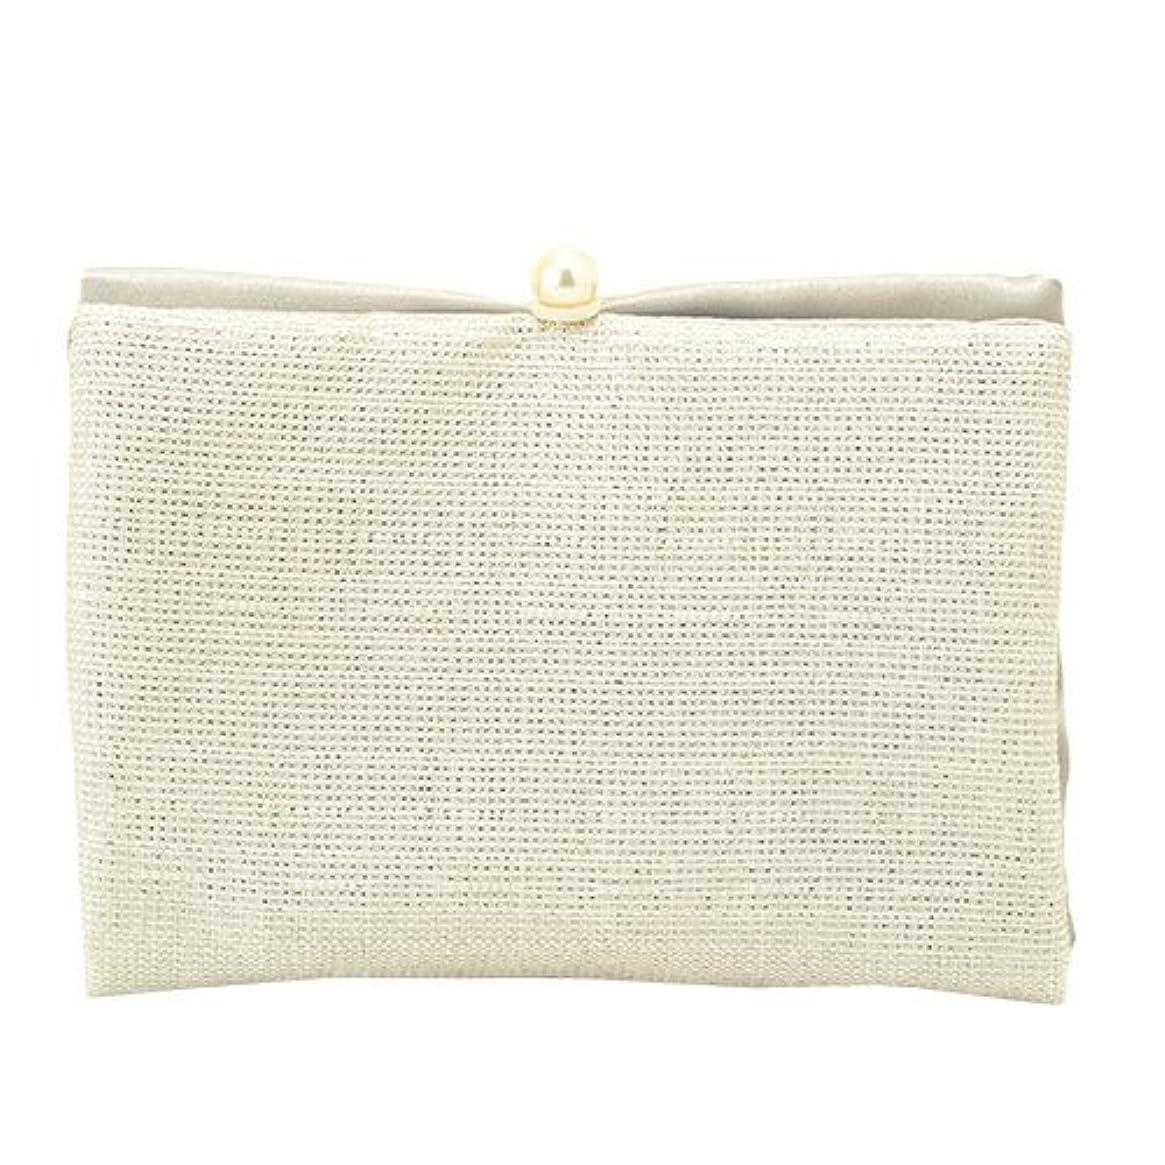 熟読するできればシリンダーLALUICE(ラルイス) ジュエリー収納 アイボリー サイズ:9×12cm